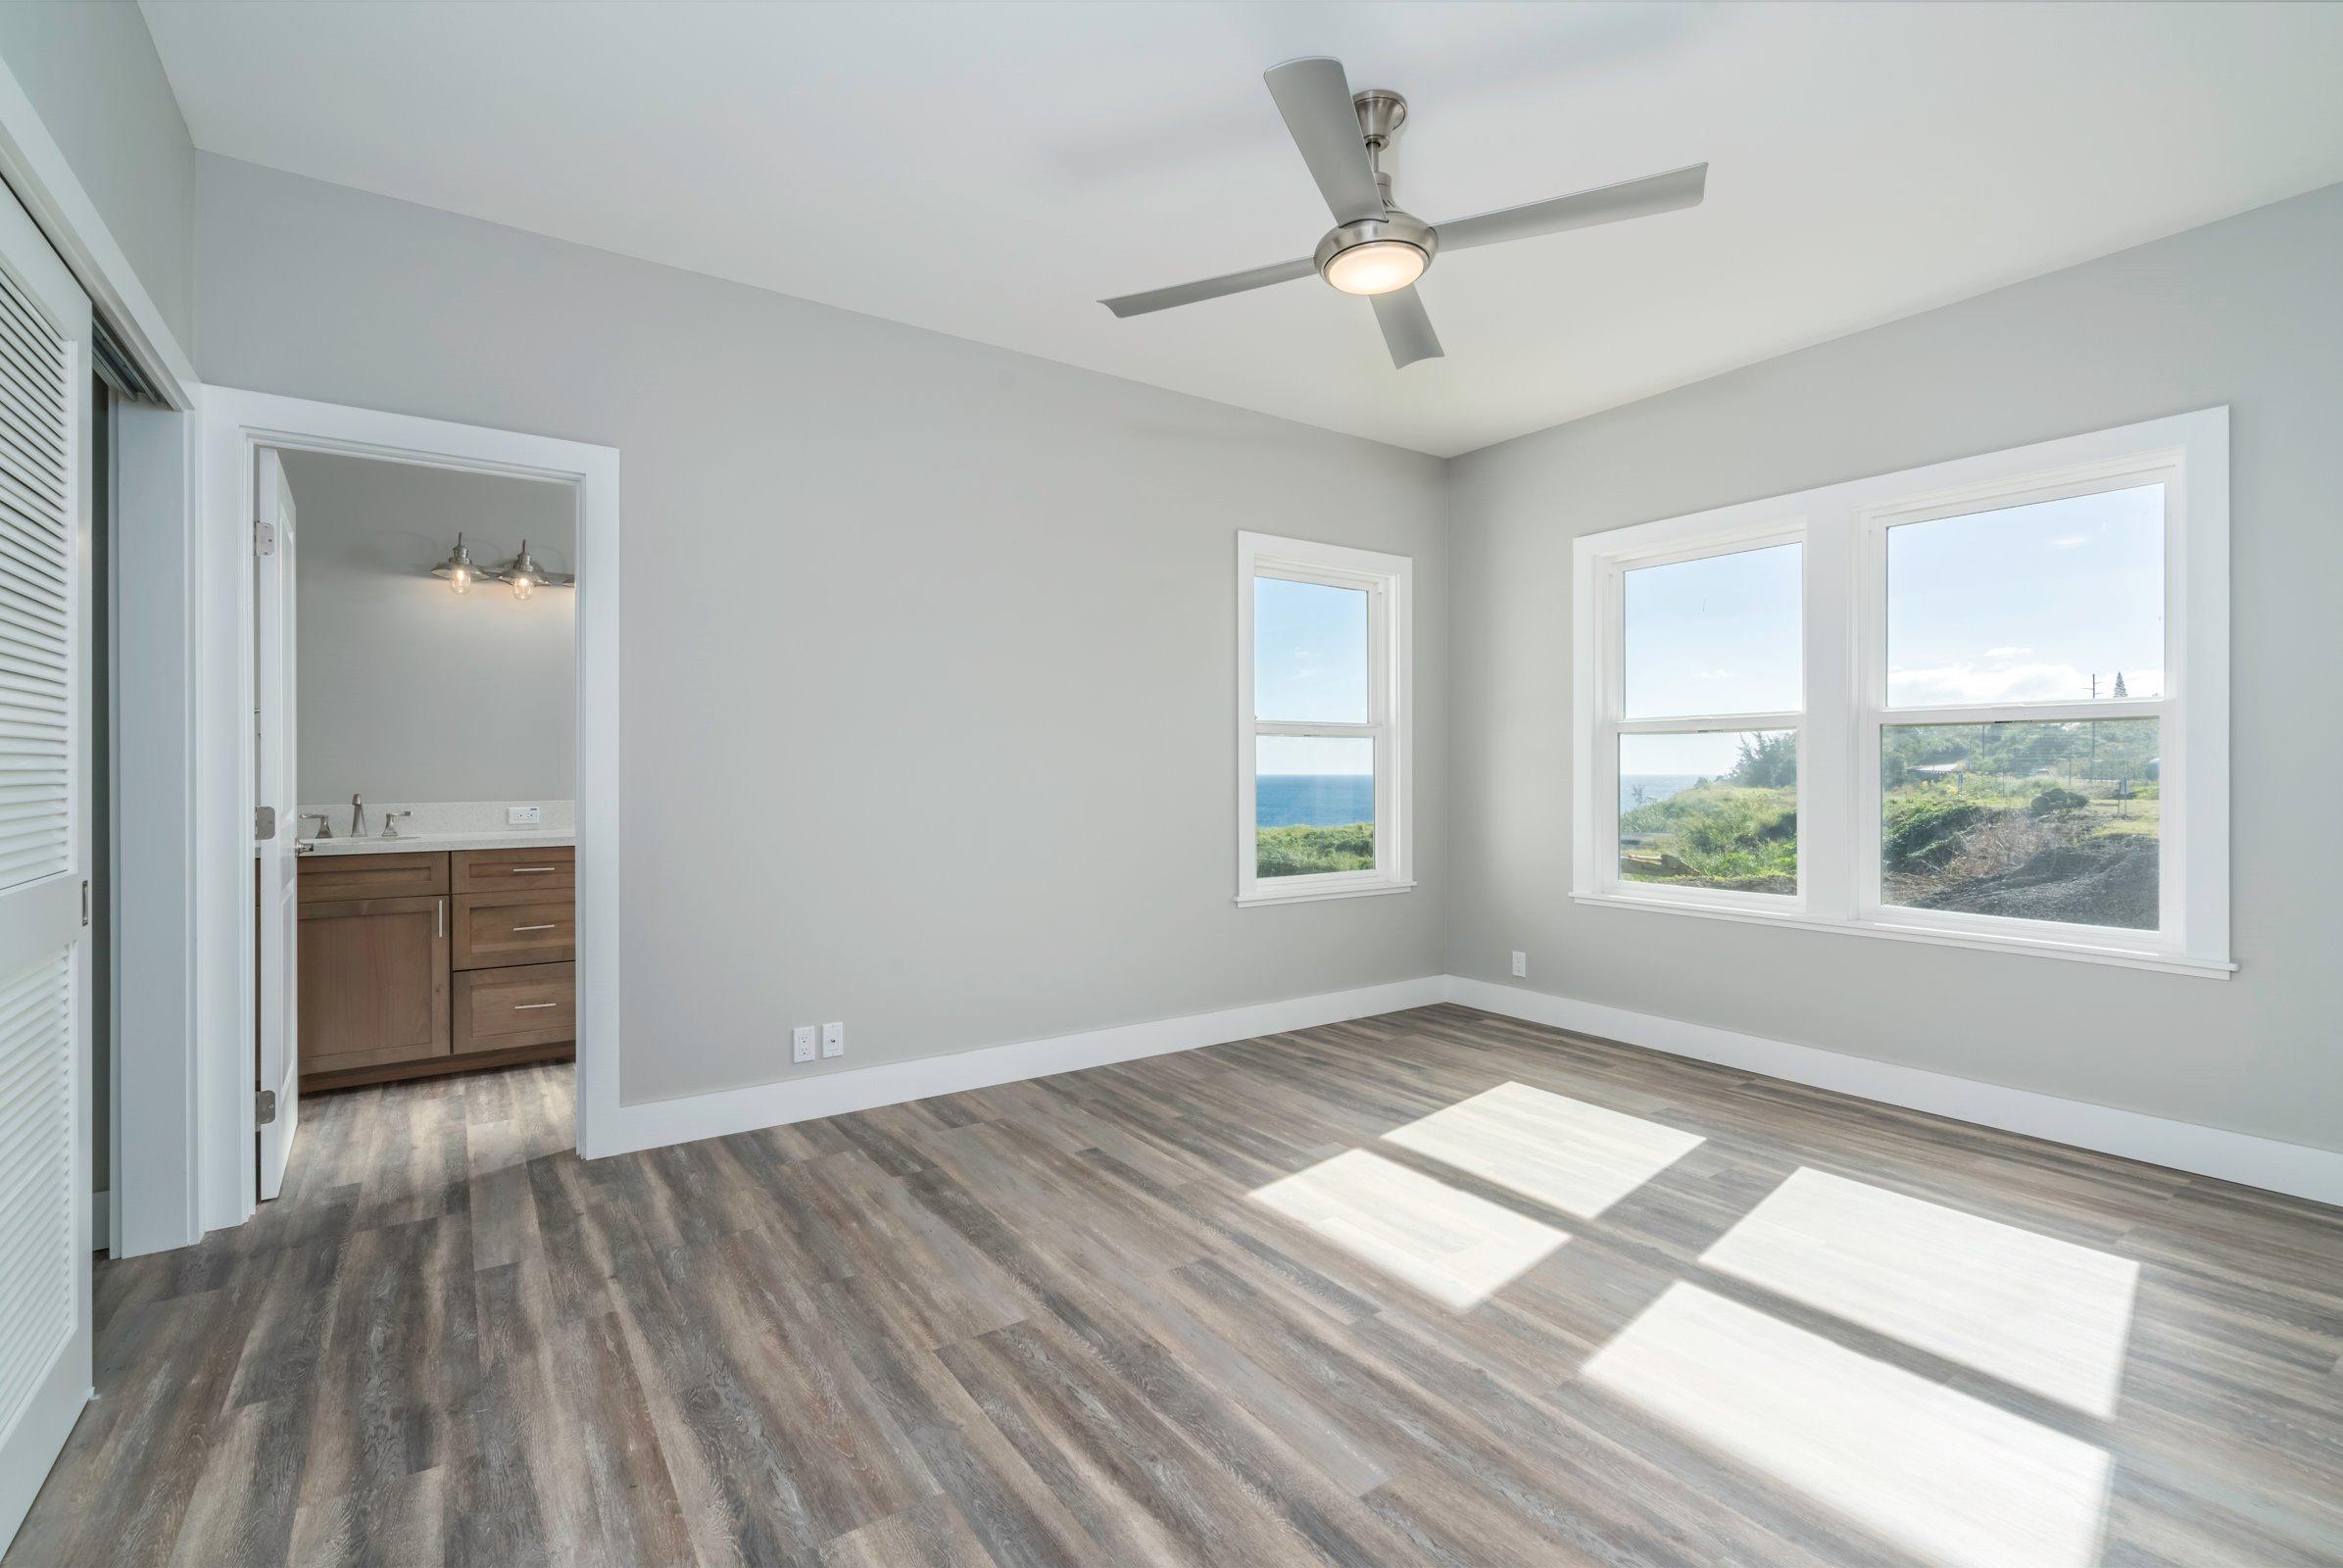 Master bedroom suite with ocean views. Full master bath through the left door.